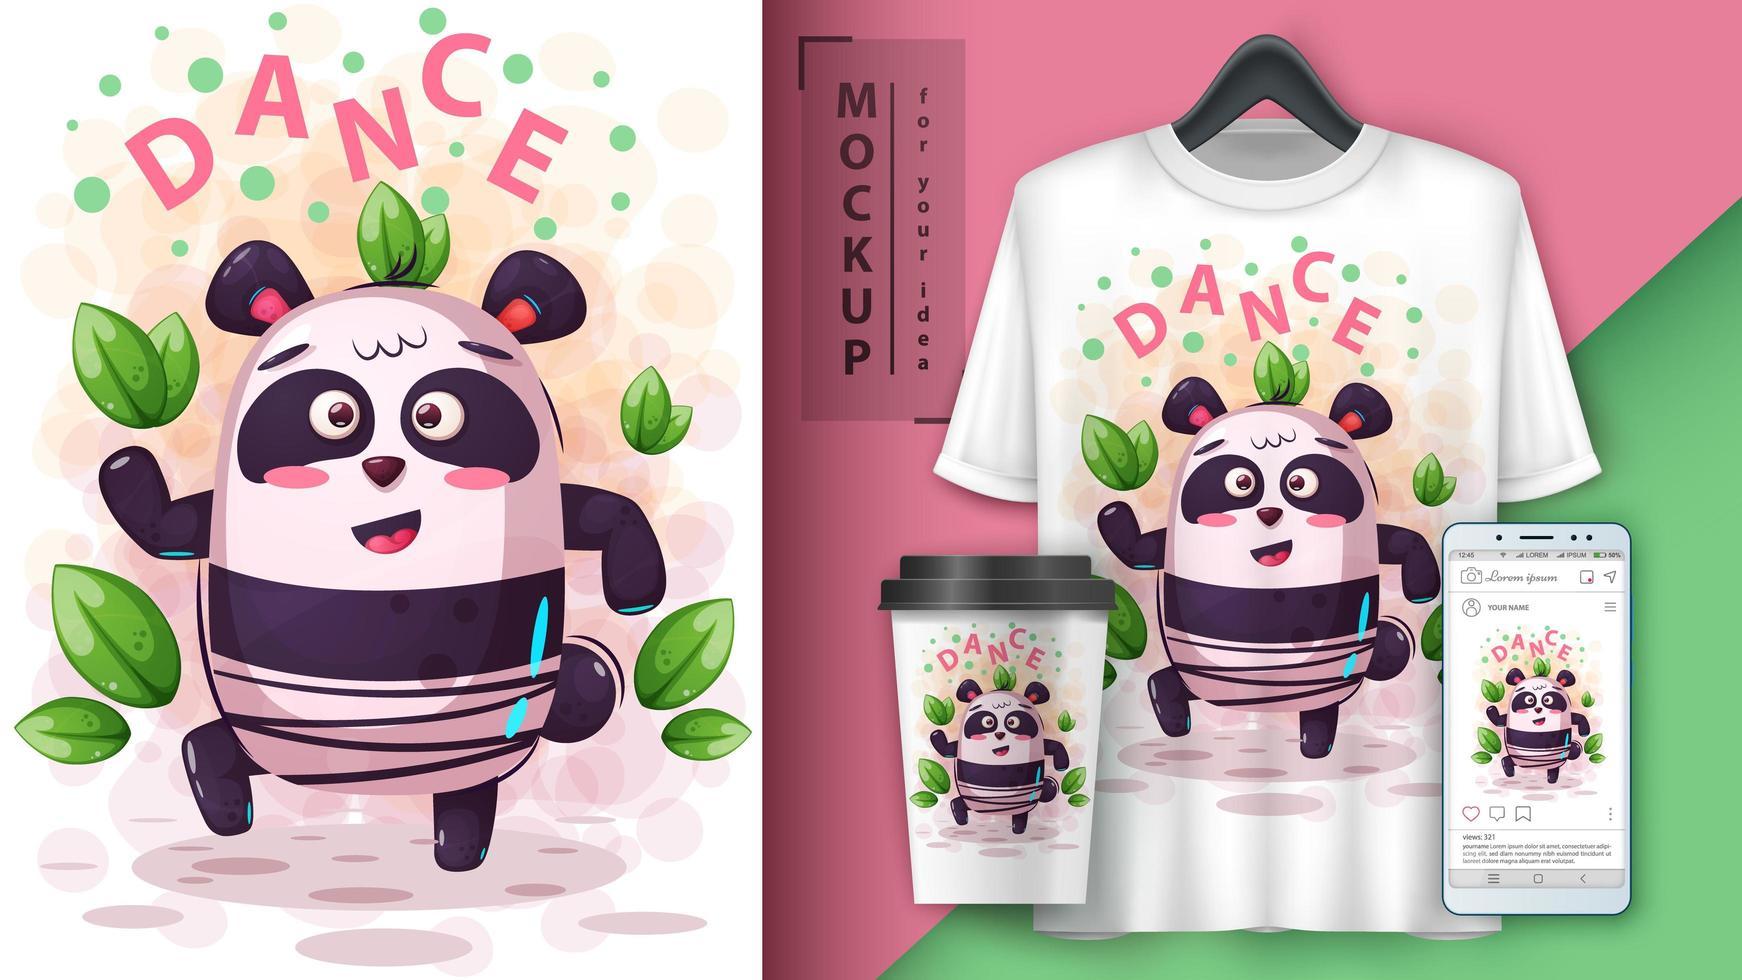 disegno di panda di musica danzante vettore